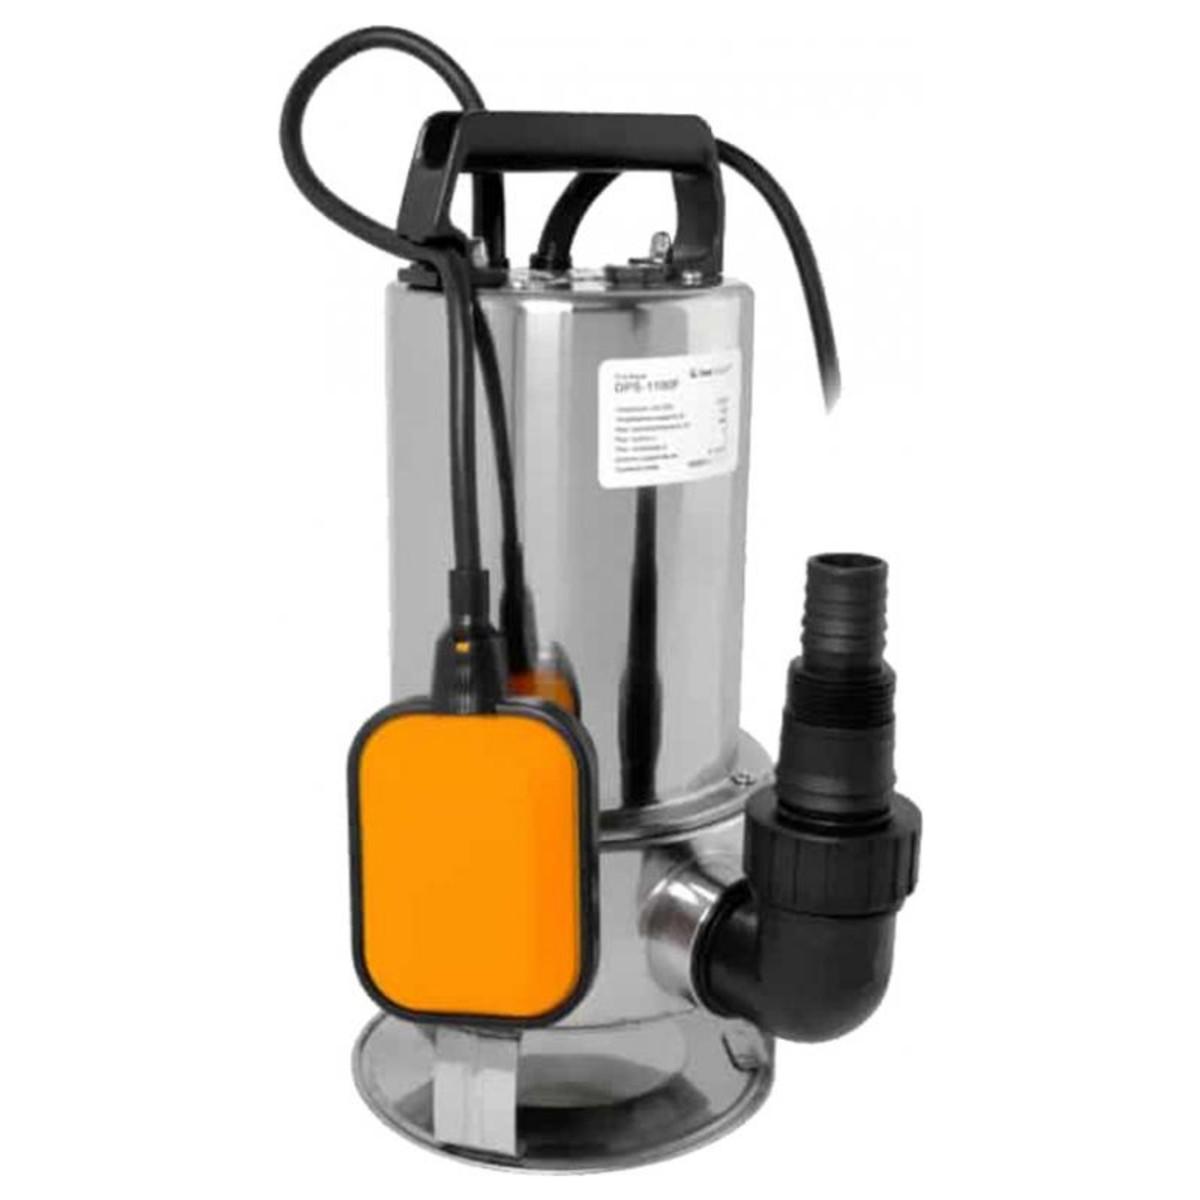 Дренажный насос FoxAqua DPS-1100F